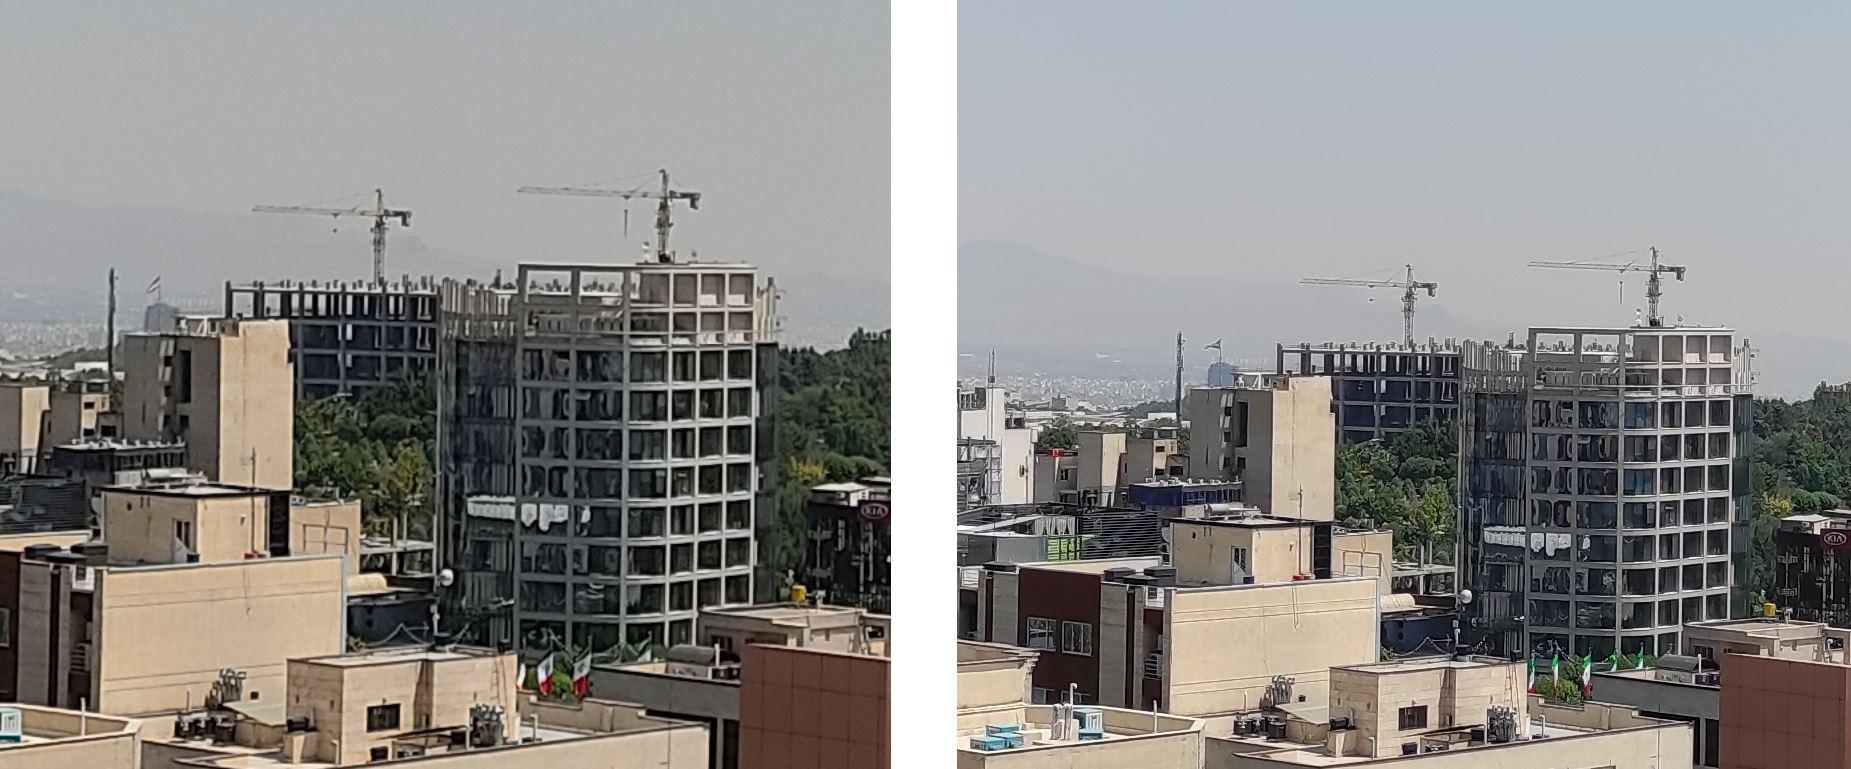 نمونه عکس کراپشده از دوربین اصلی ردمی نوت 9 اس و ردمی نوت 9 پرو - ساختمان و فضای سبز